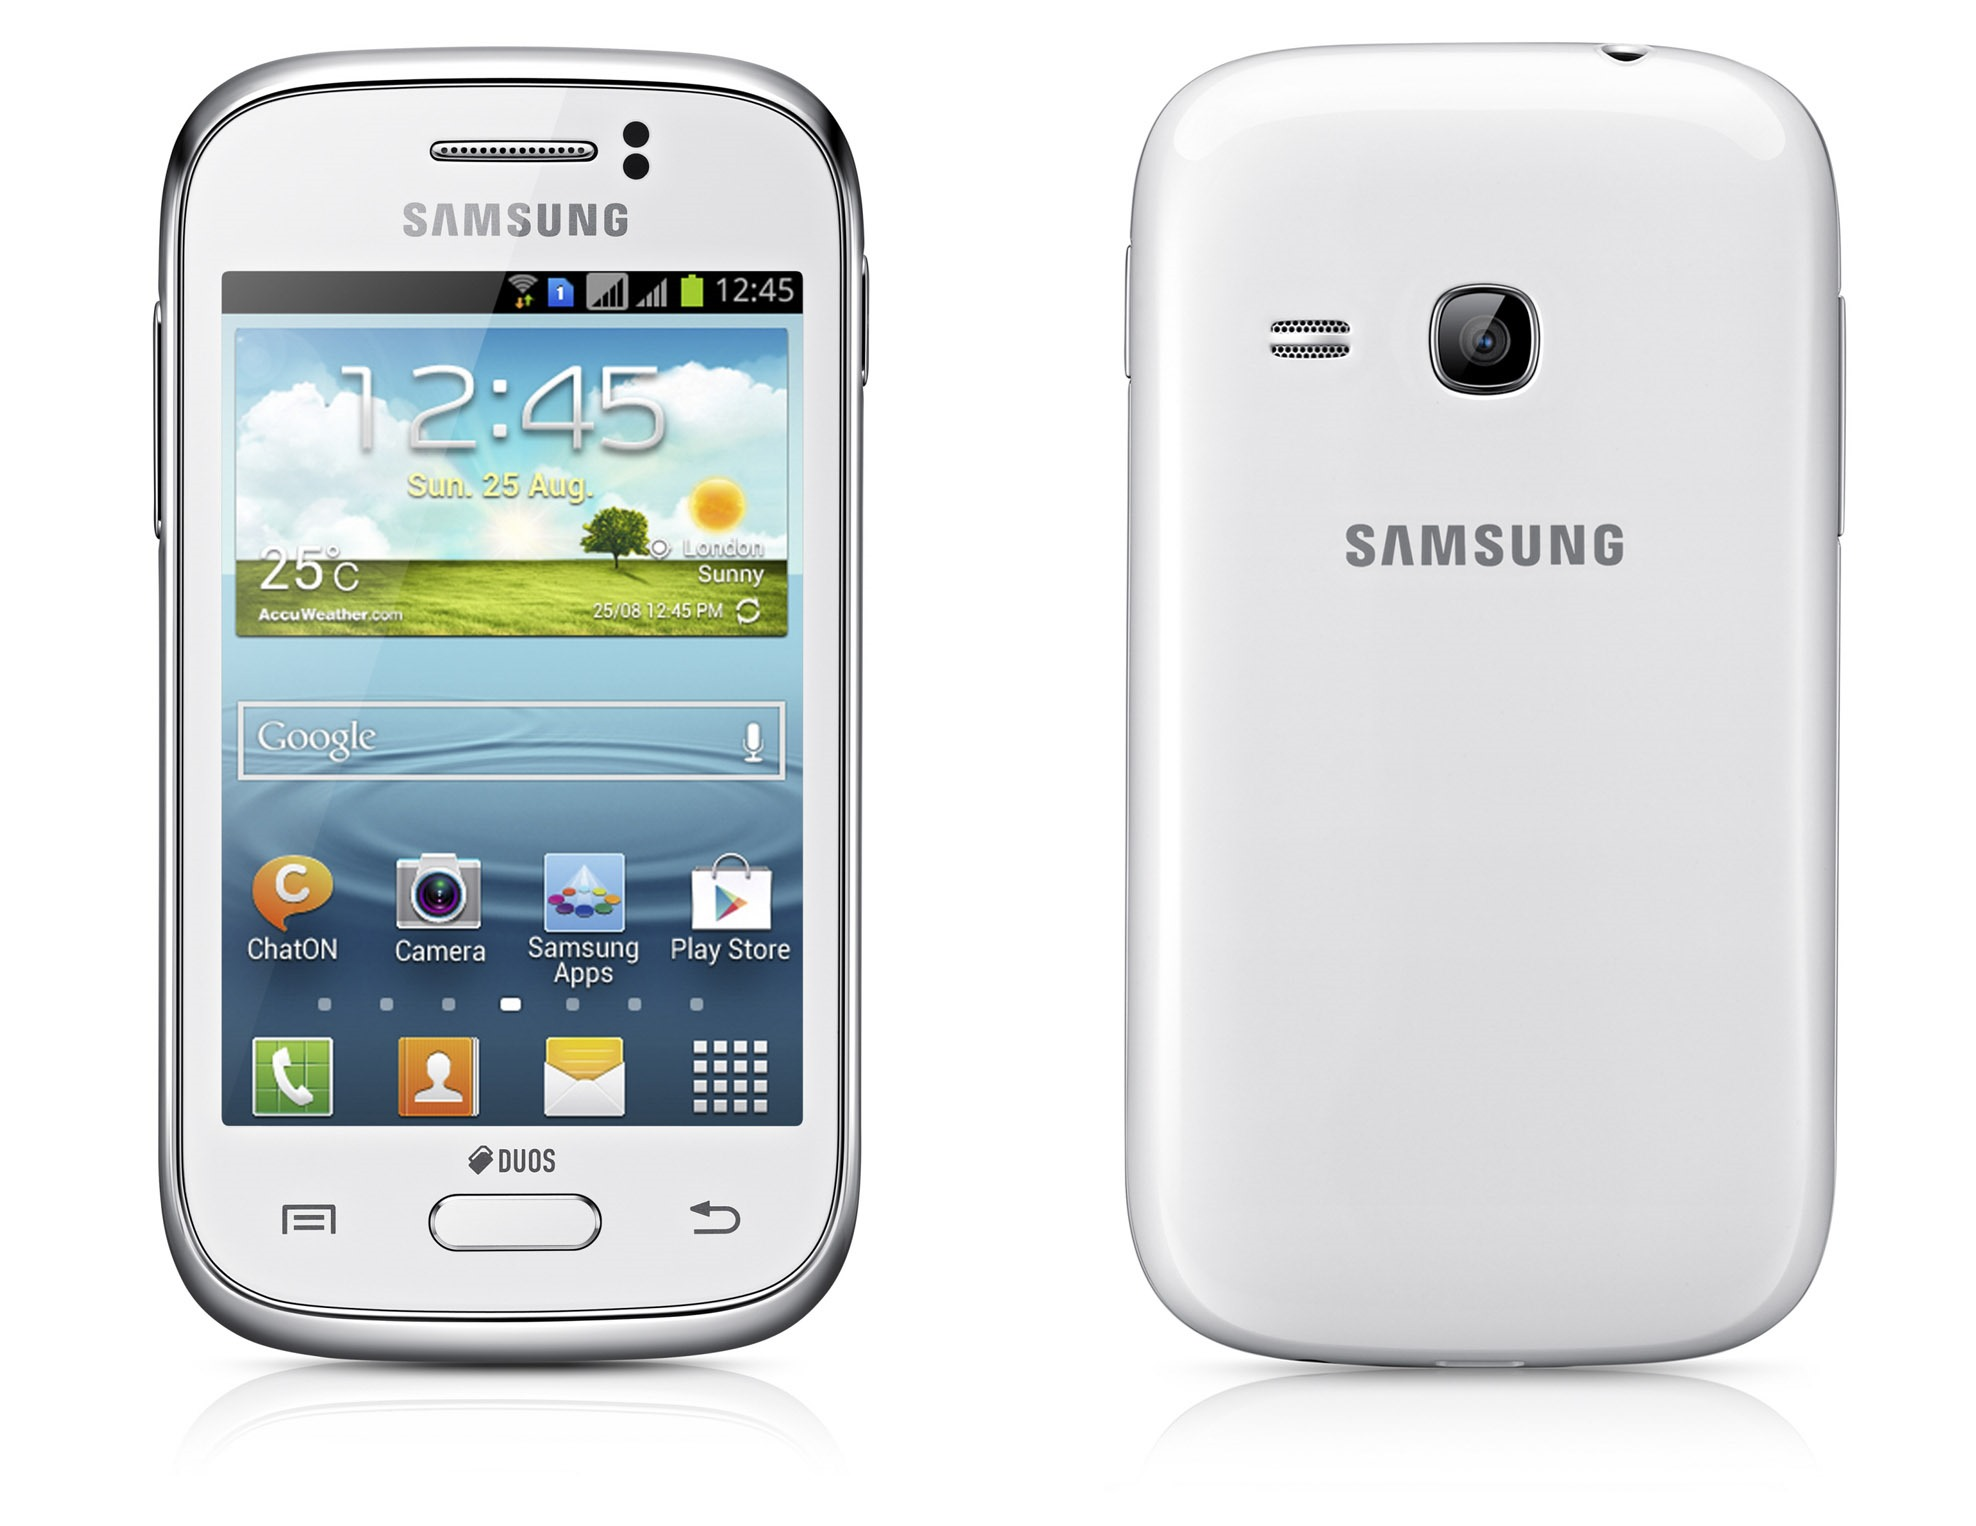 Novità Terminali| Samsung lancia nuovi smartphone Android di fascia medio/bassa